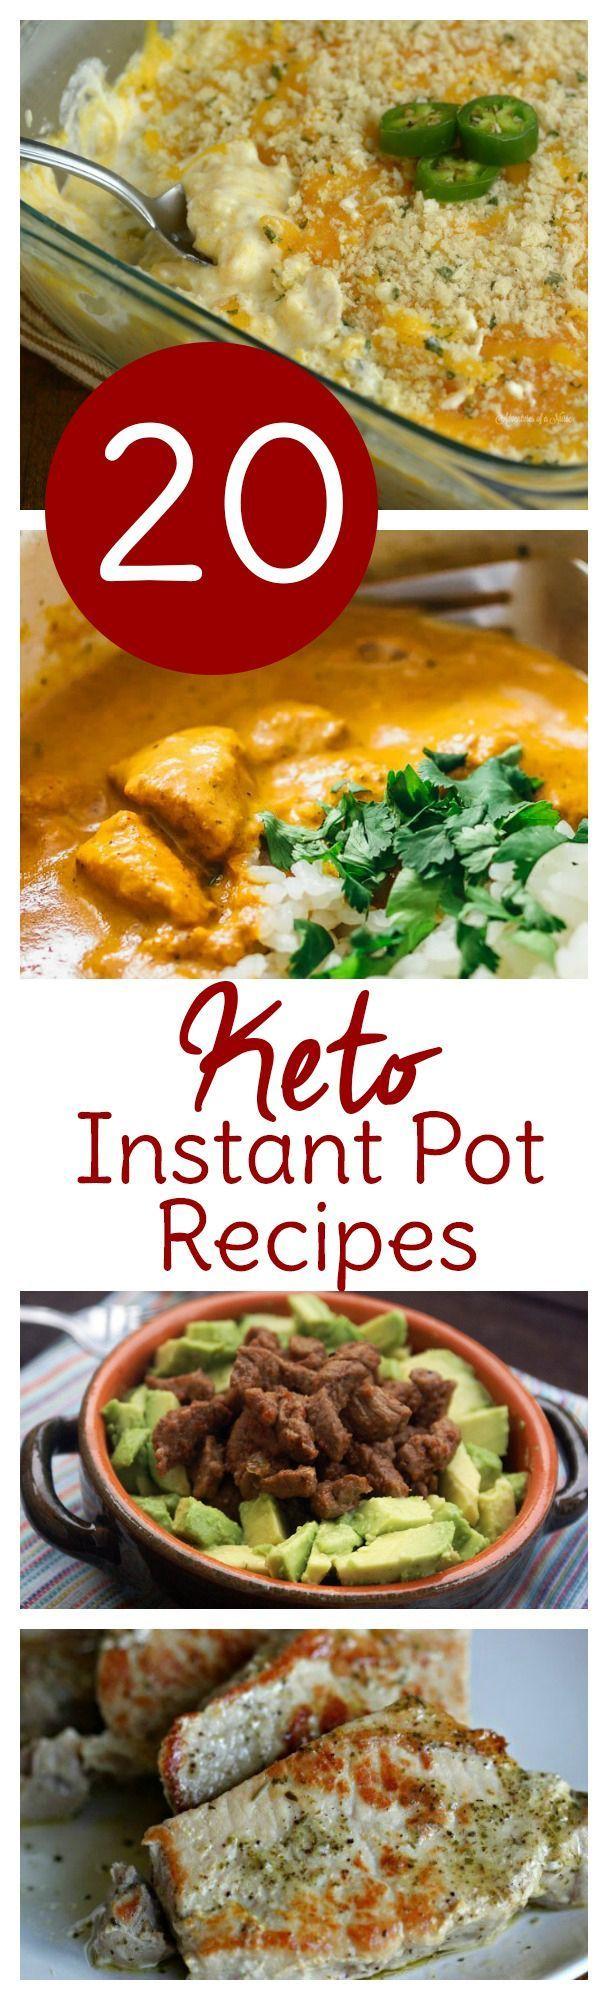 Brechen Sie Ihren Instant Pot aus und machen Sie Ihre ketogene Diät noch einfacher! 20 Sofort … – #aus #brechen #Diät #einfacher #Ihre #ihren #instant #ketogene #machen #noch #Pot #Sie #sofort #und